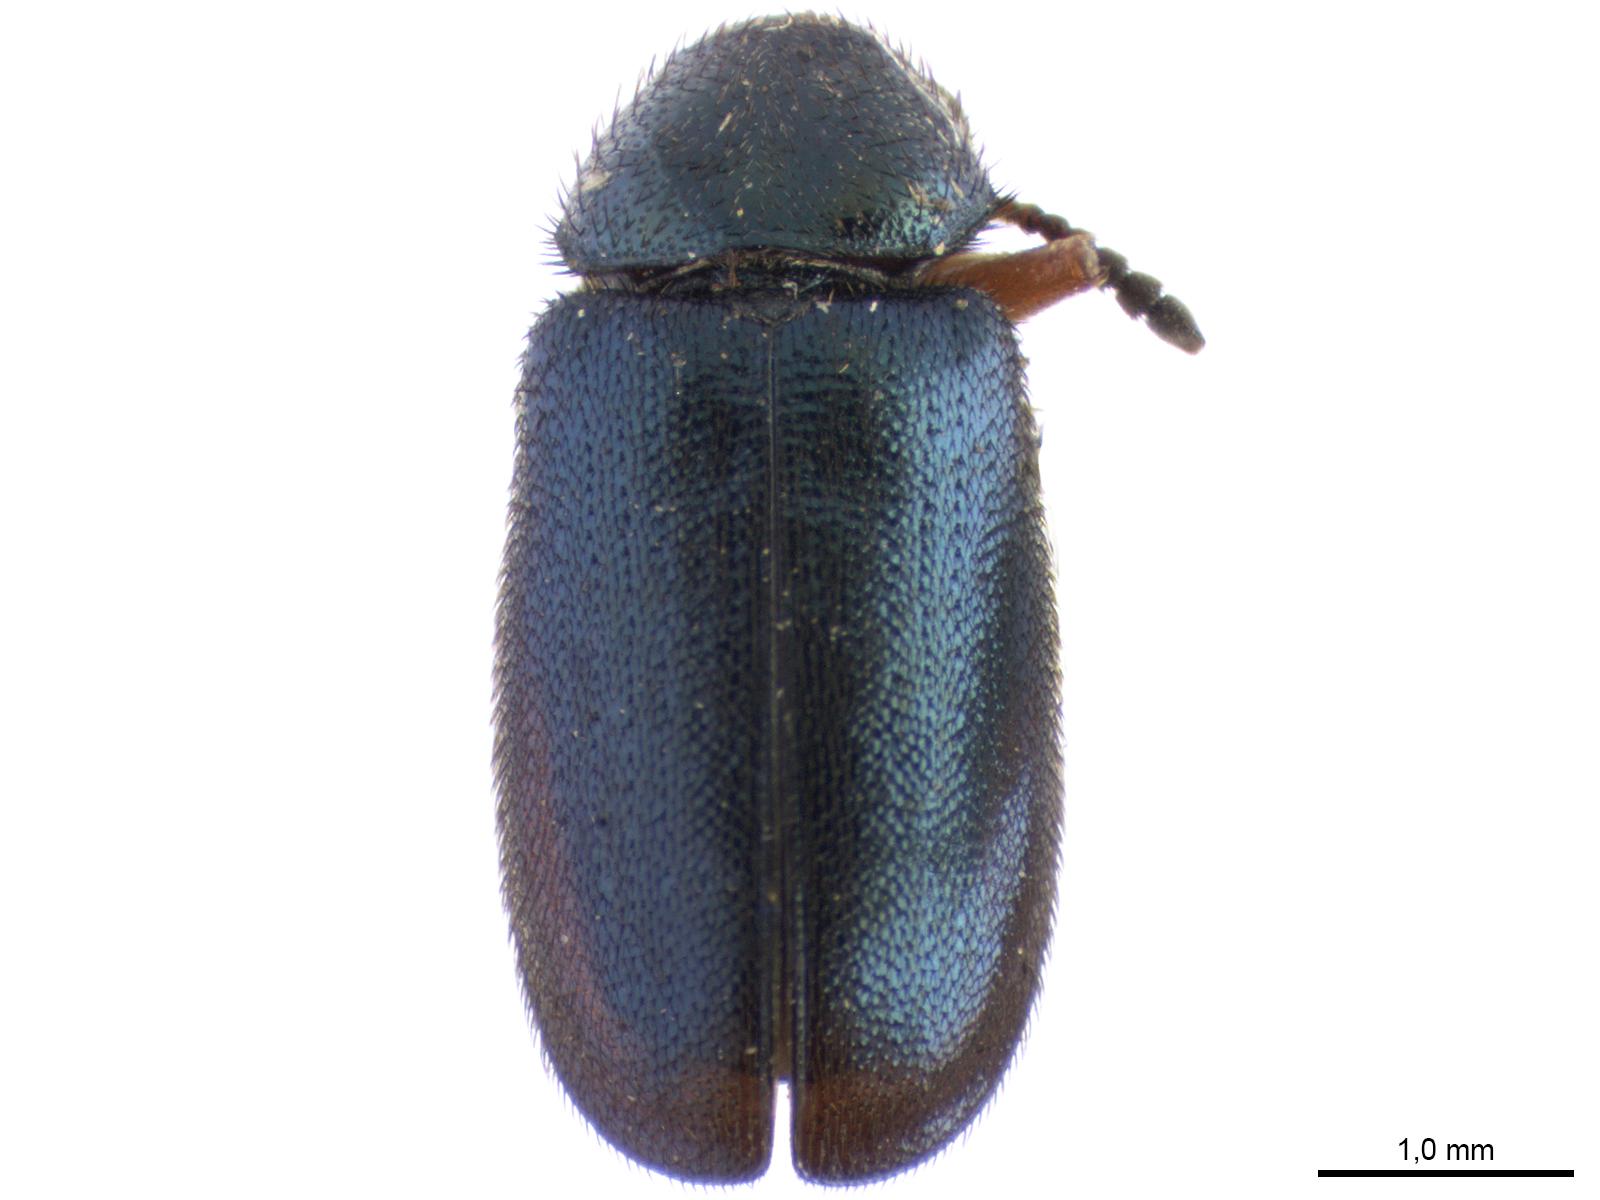 Necrobia spp.